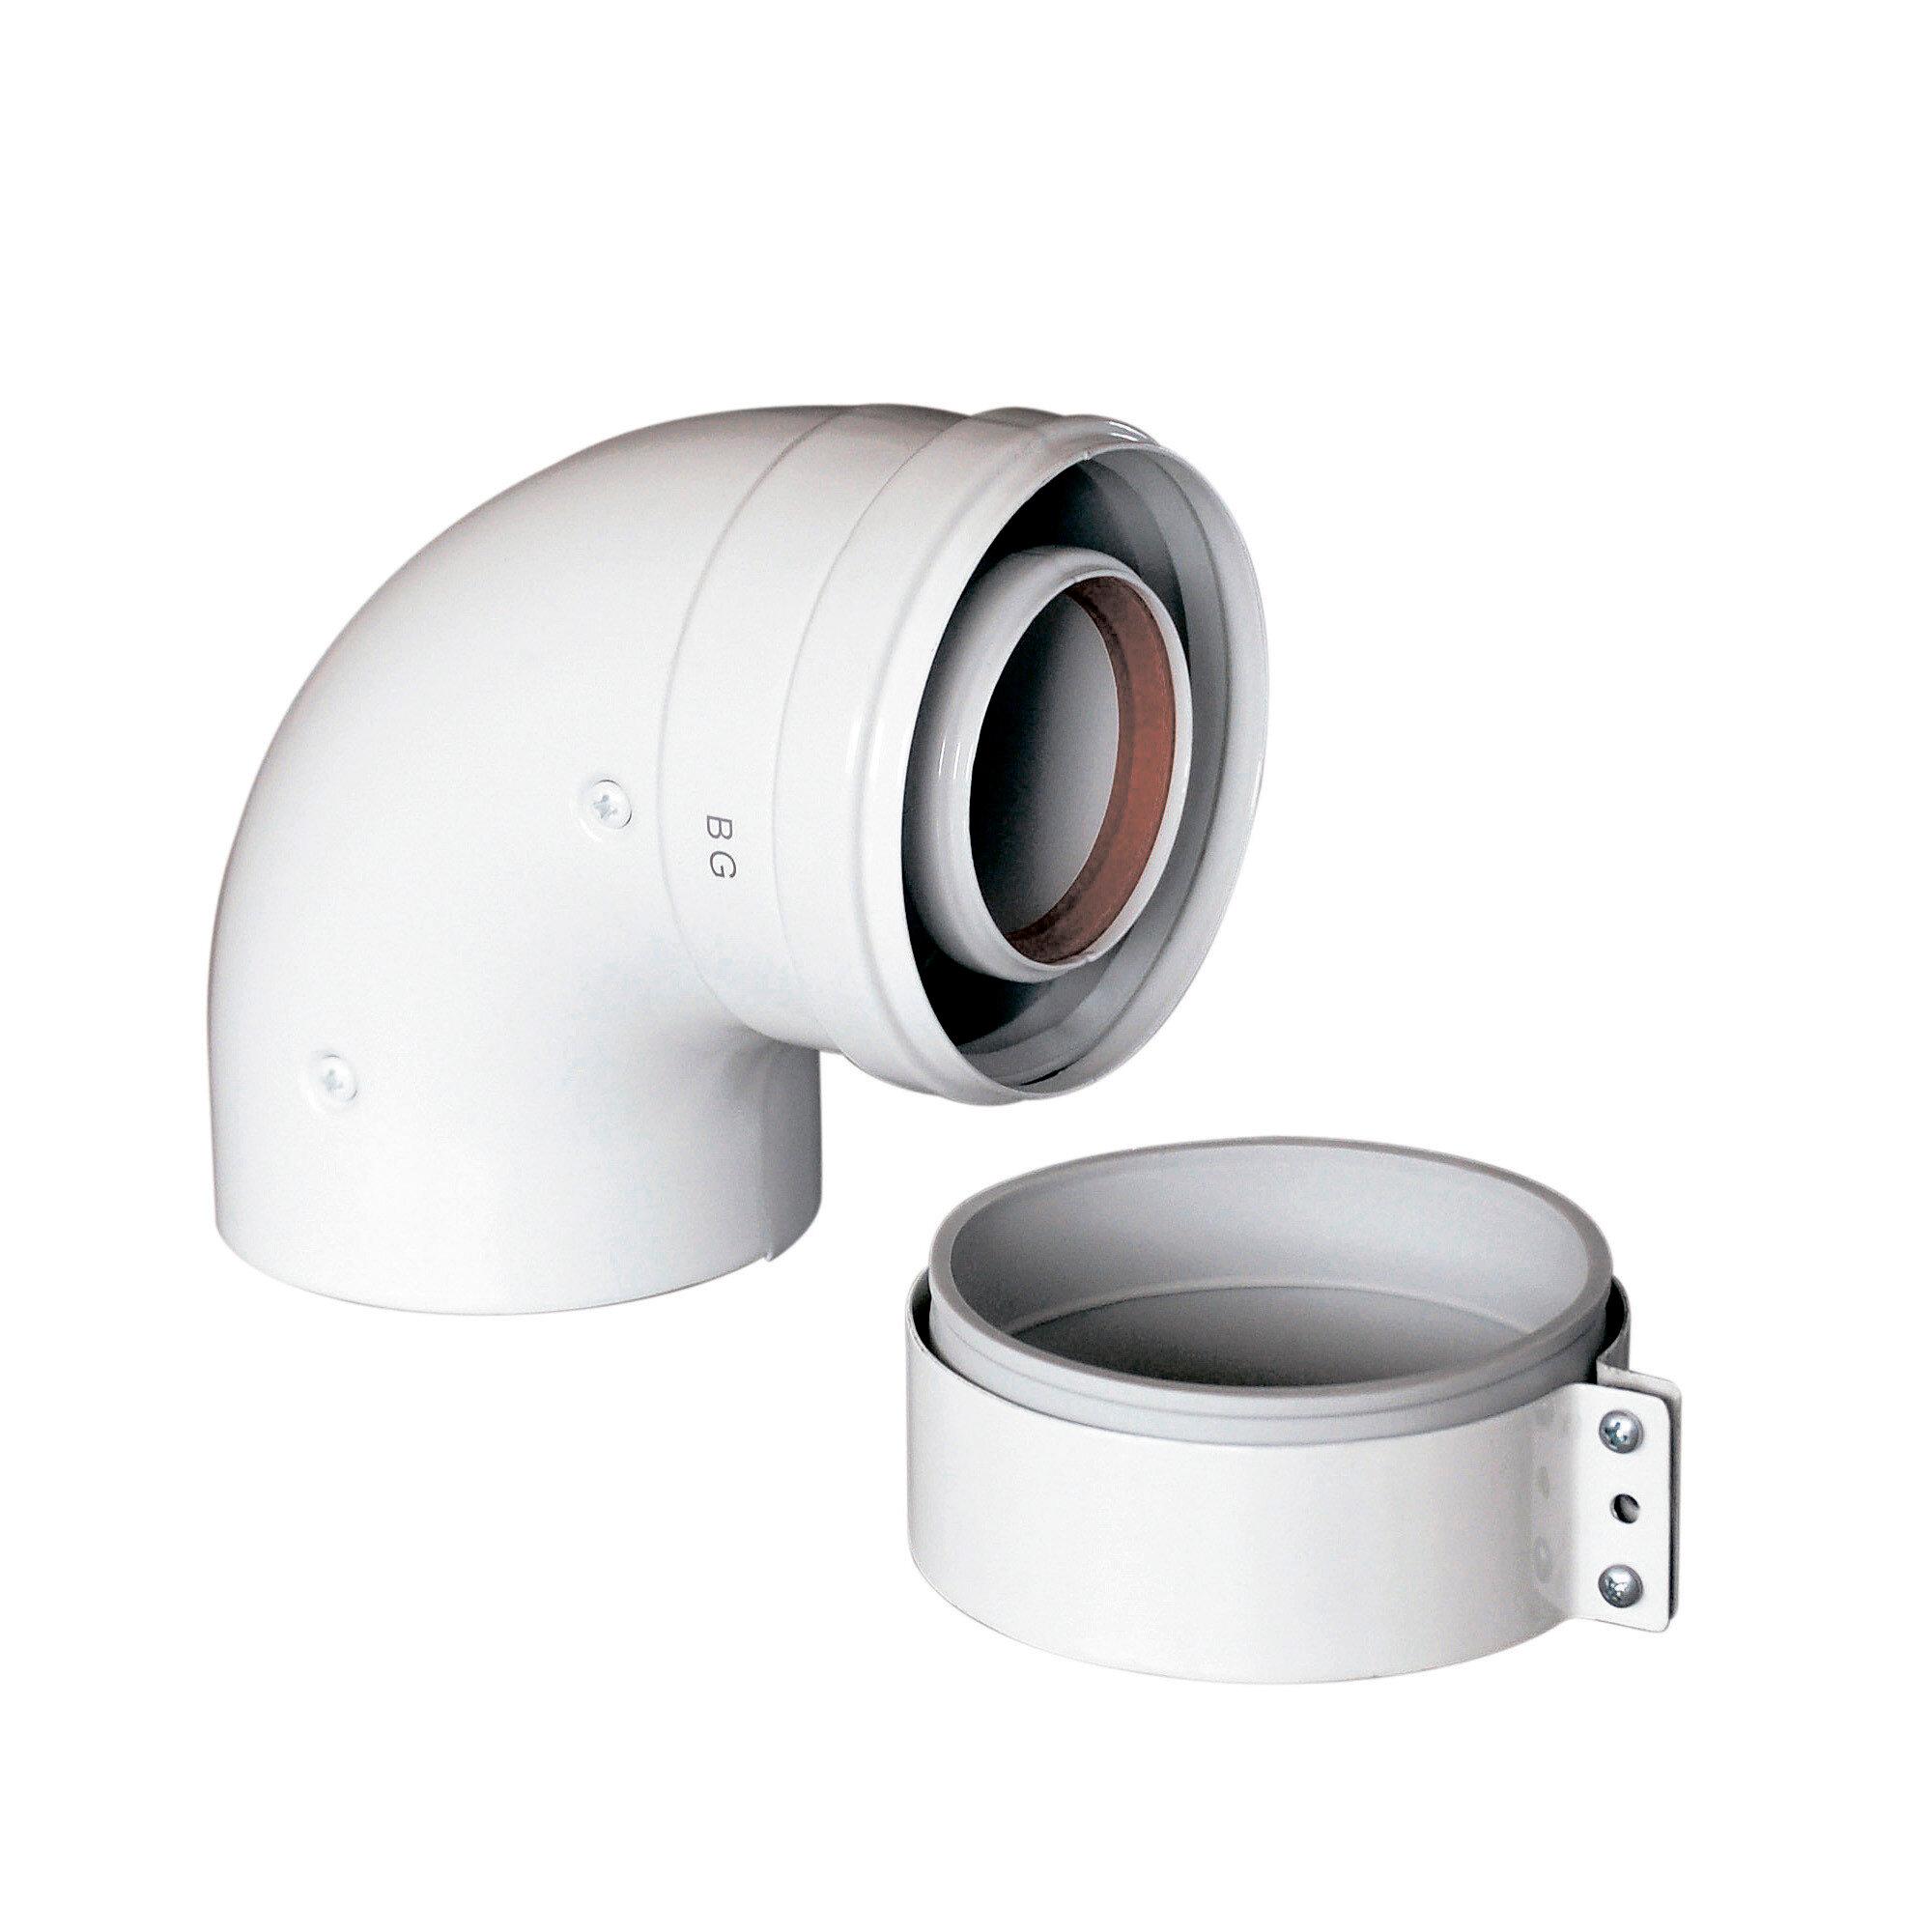 Коаксиальный отвод Baxi 90 , диам. 60/100 мм(арт. KHG71410141)